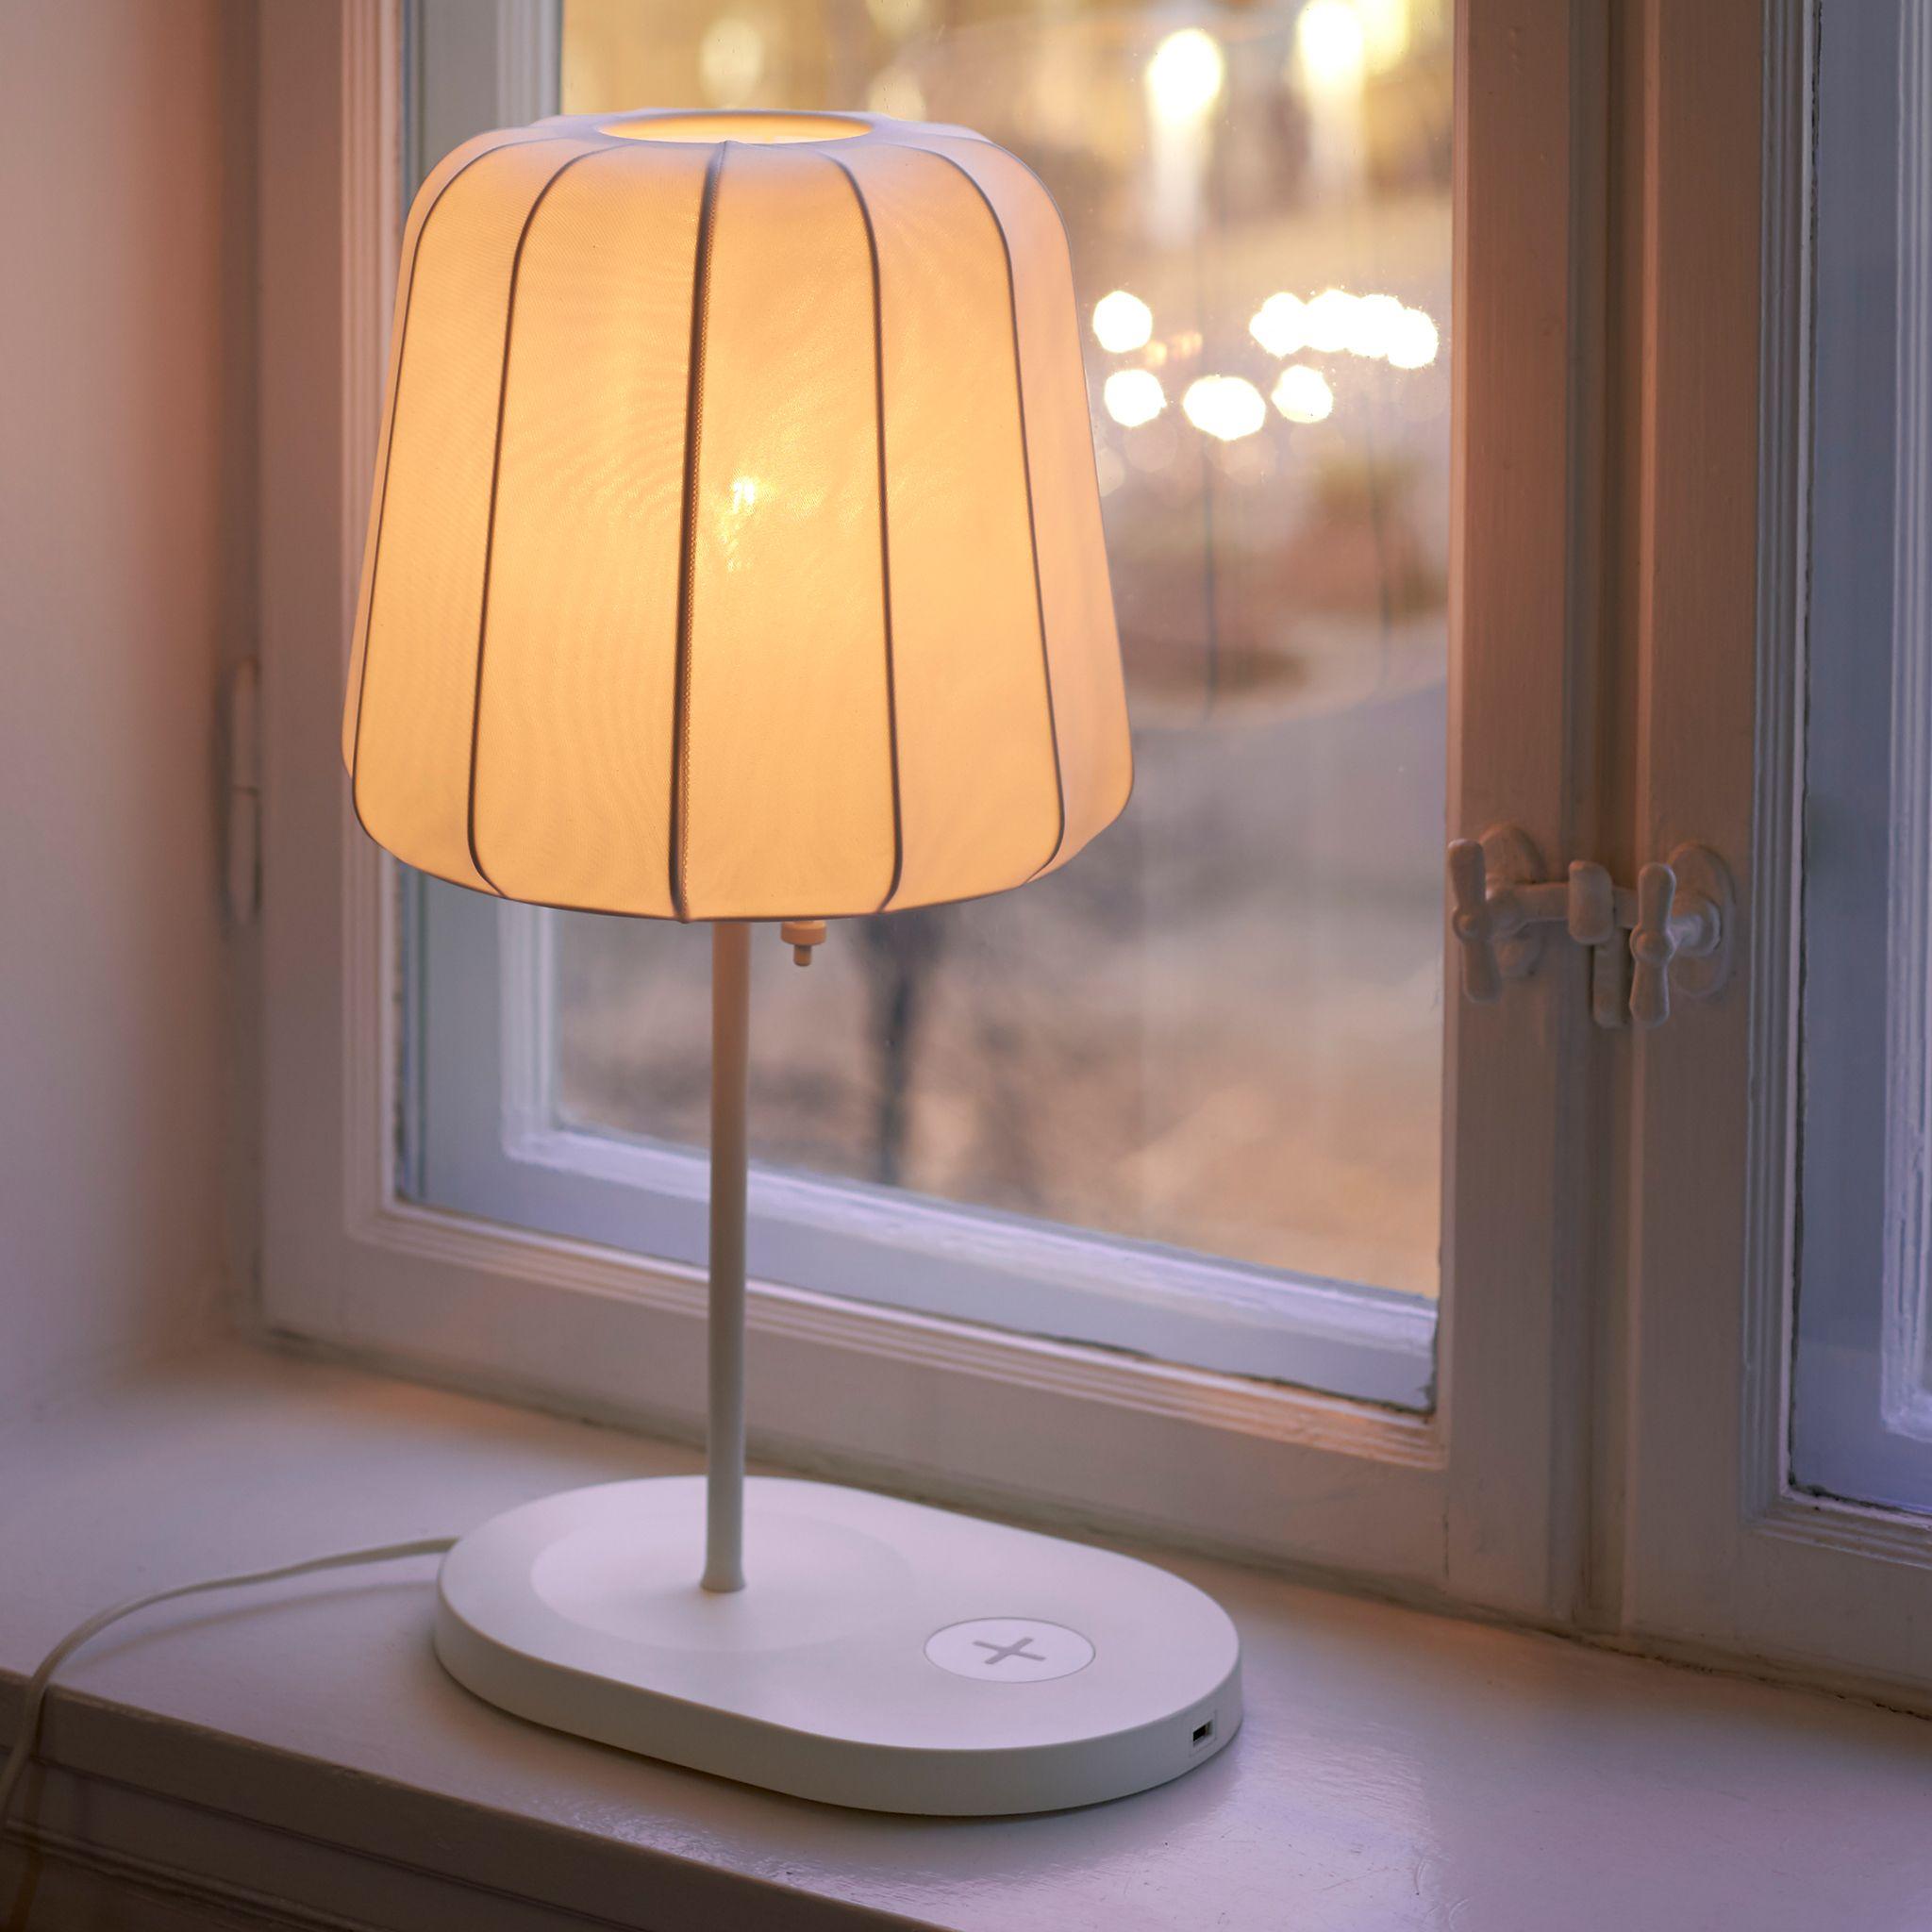 gute stimmung und voller akku zb mit varv tischleuchte mit ladefunktion illuminate. Black Bedroom Furniture Sets. Home Design Ideas